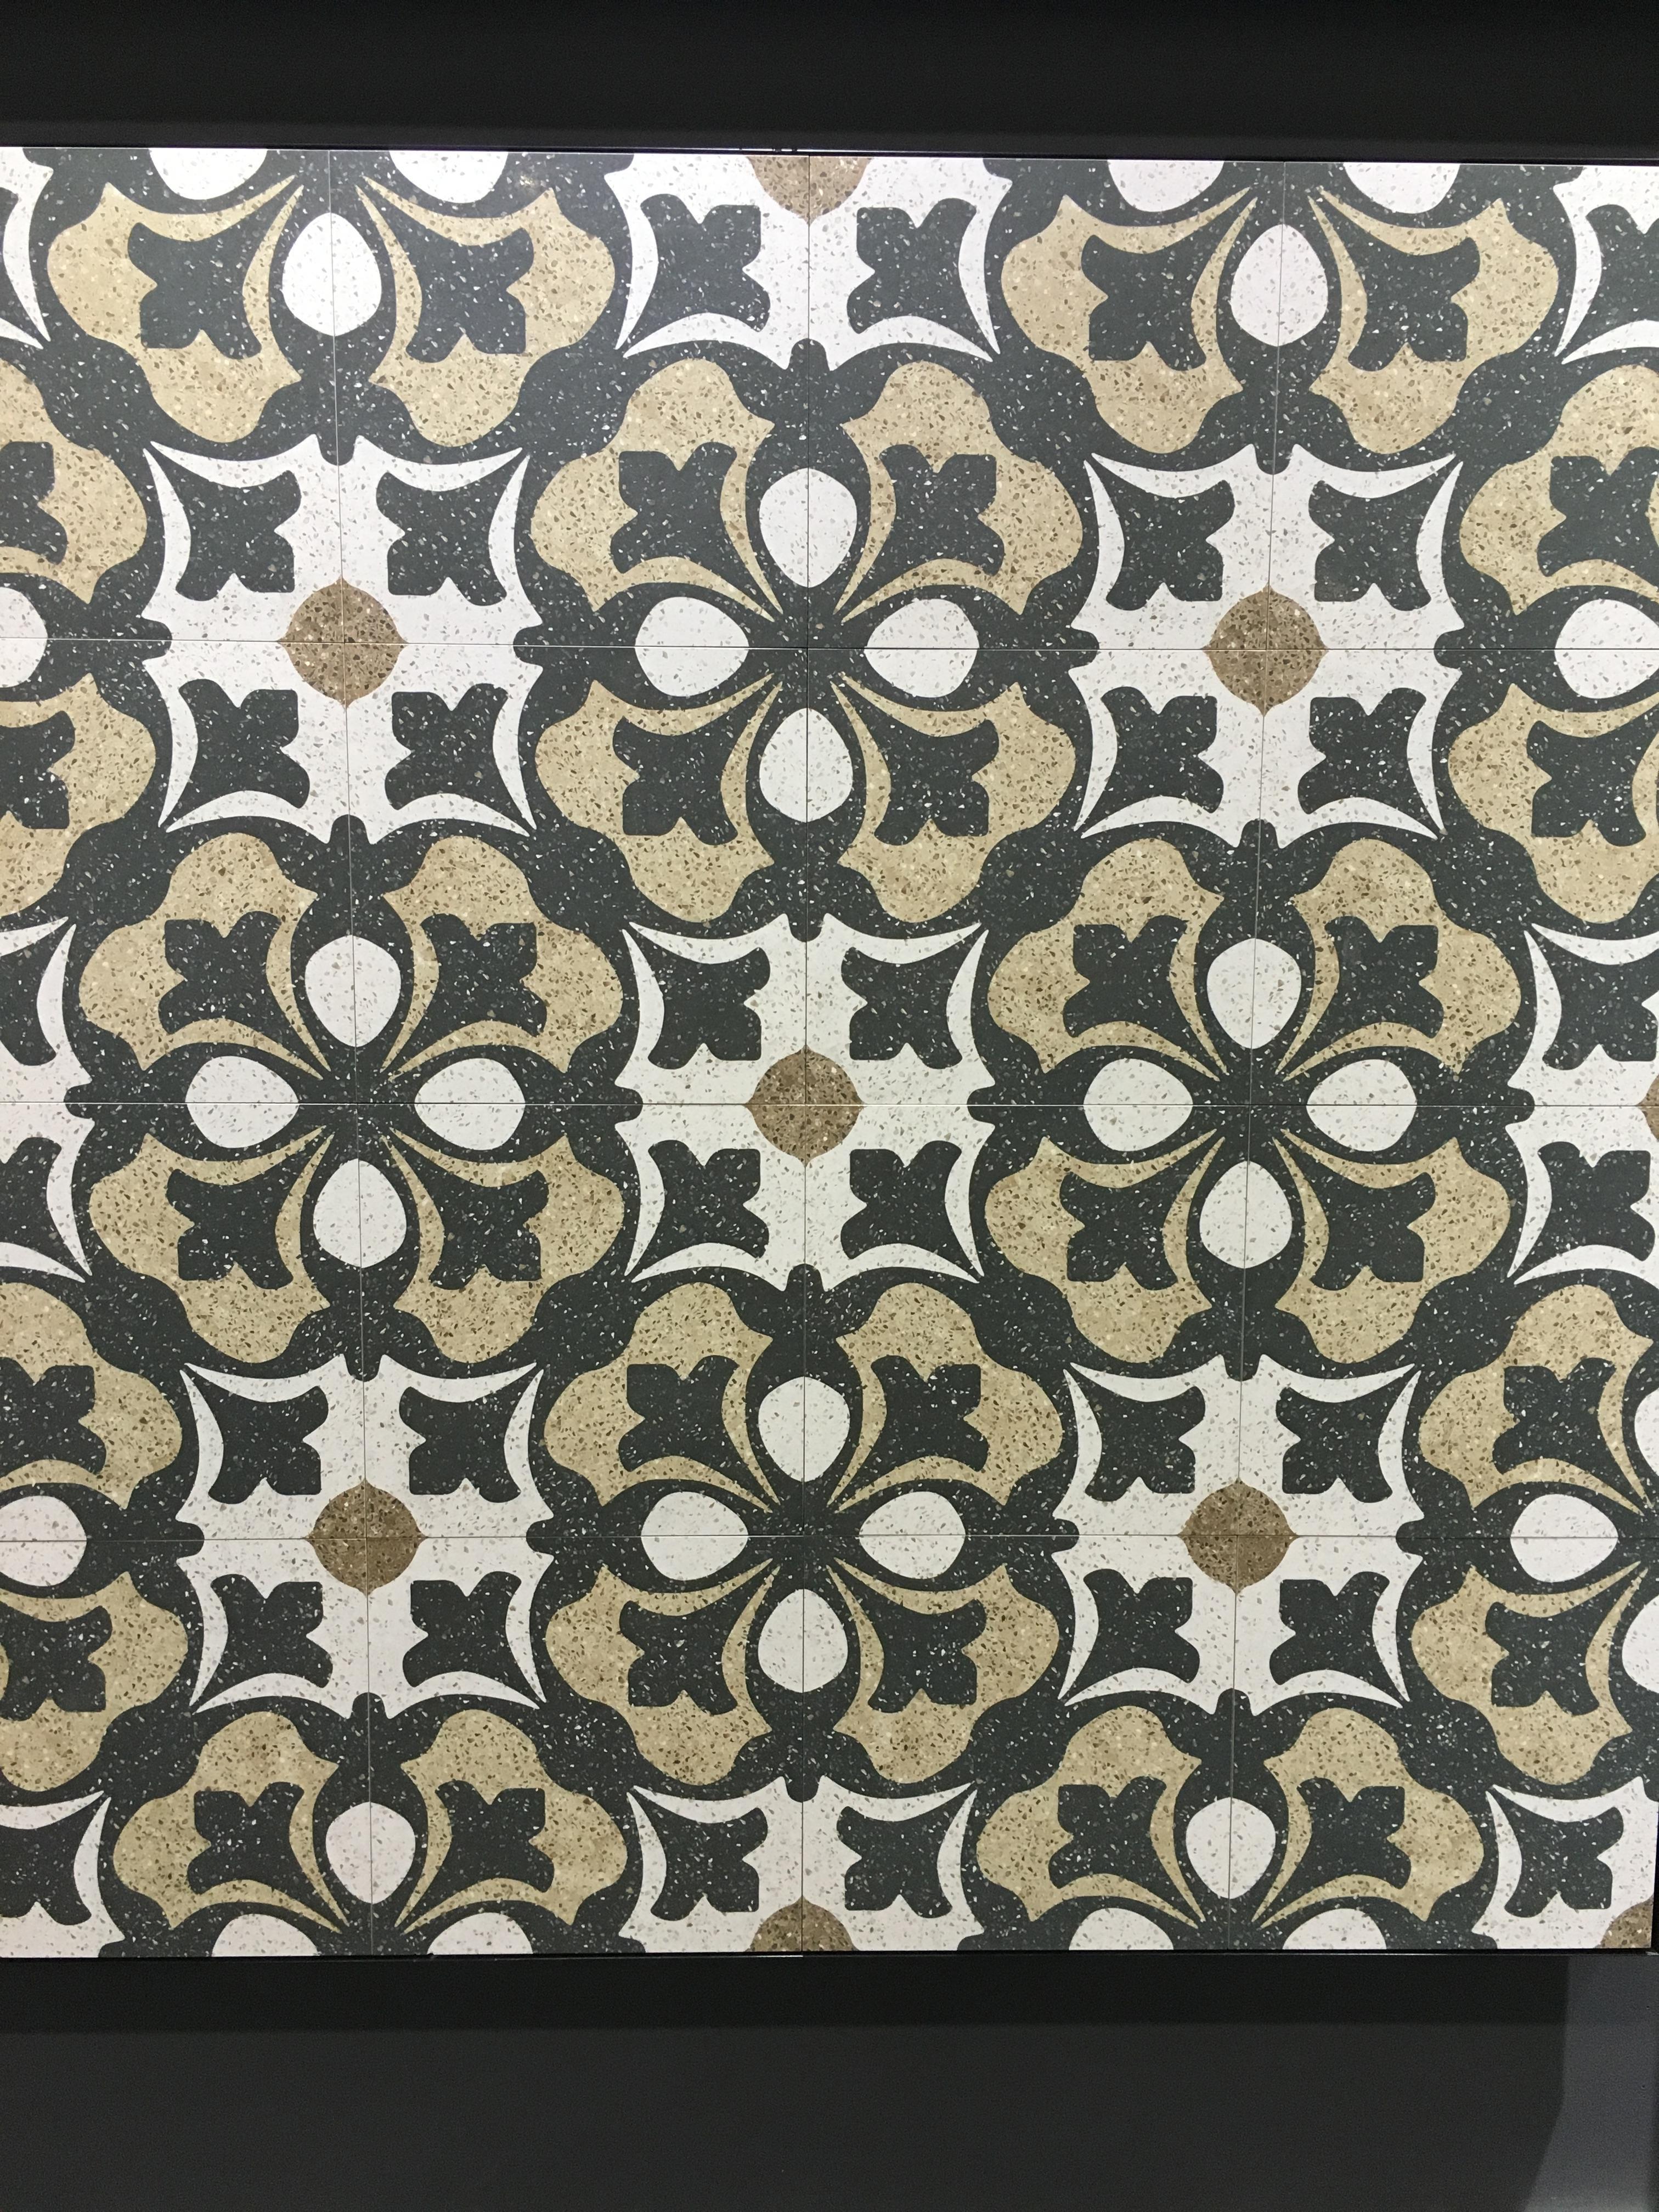 terazzo-inspired-porcelain-tile.jpg